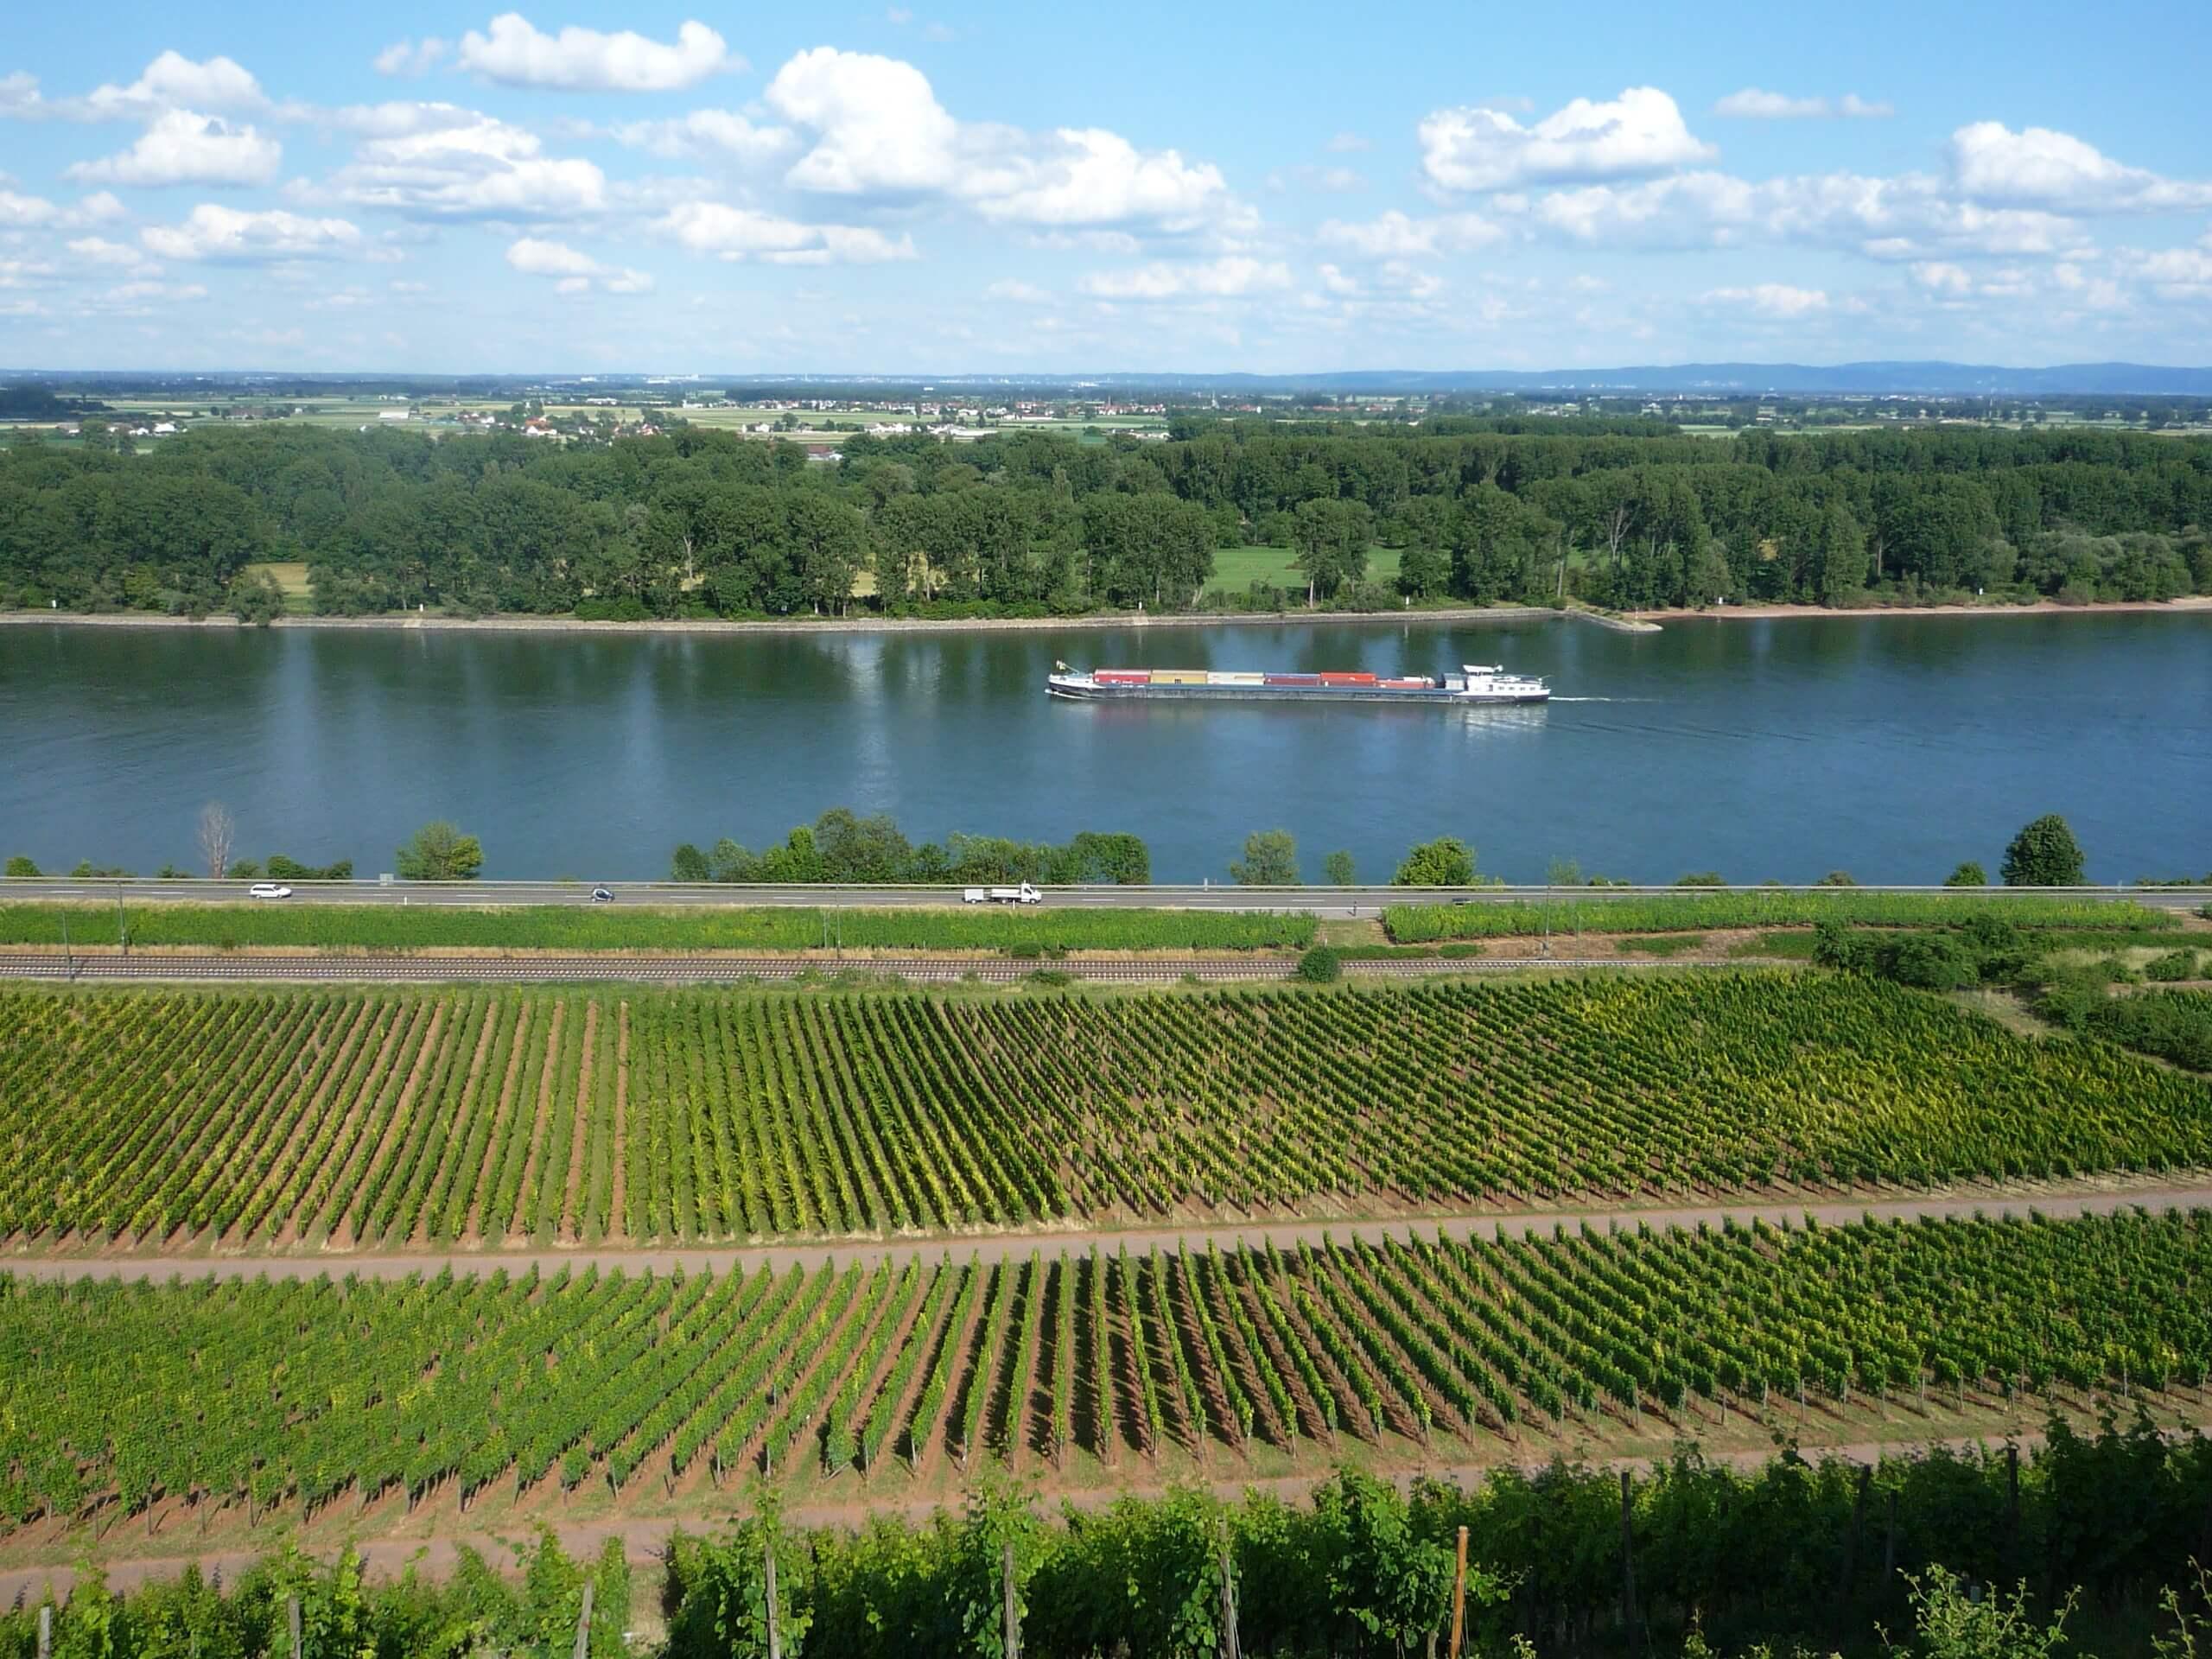 Panorama von einem Weinhang aus